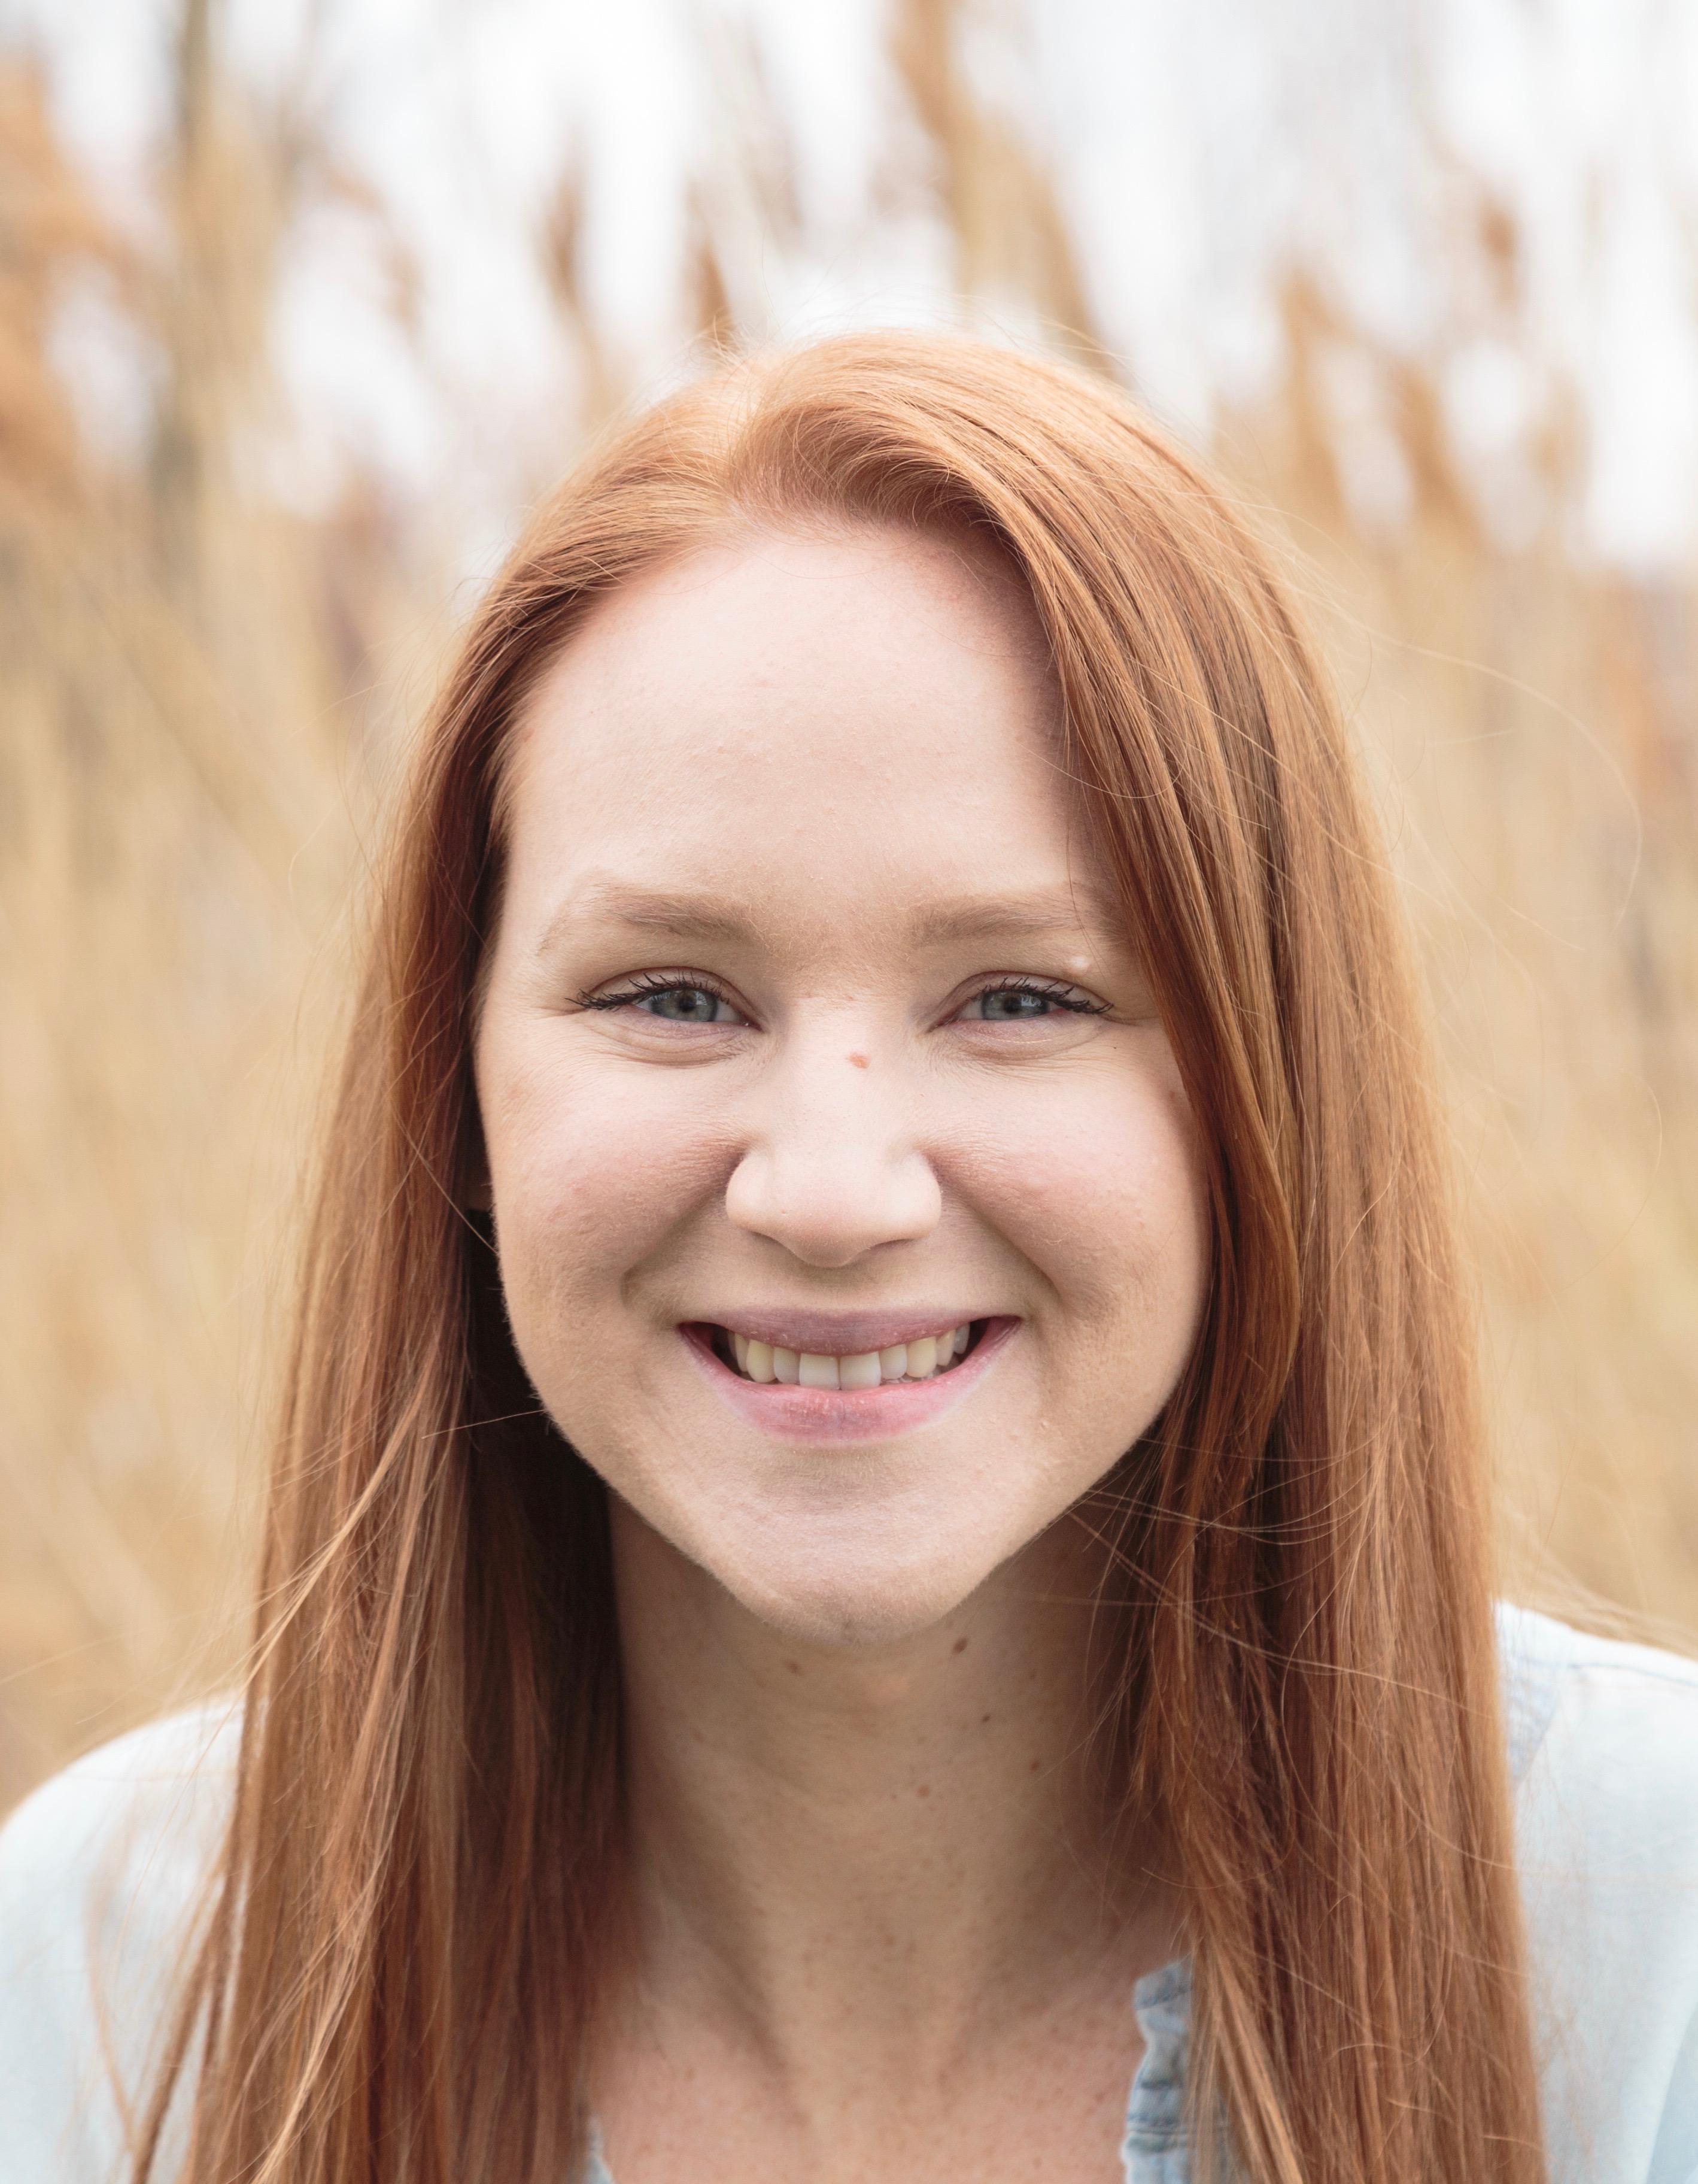 Hanna Welton